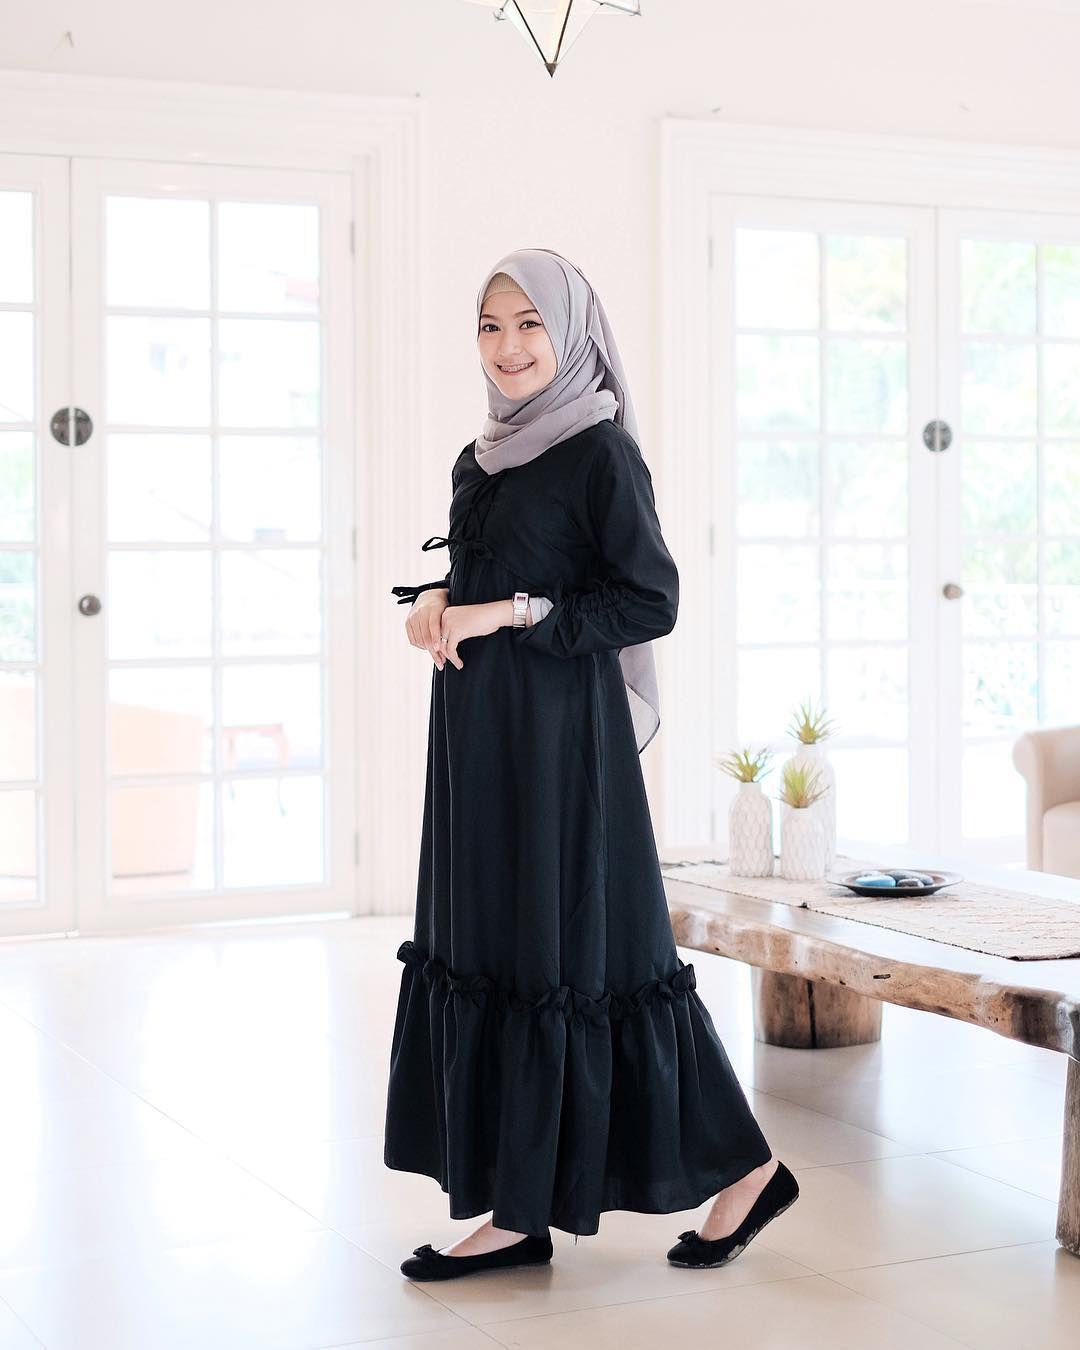 Pin oleh yuni wahyuni di Hijab trend di 2019  30e8fdeb73